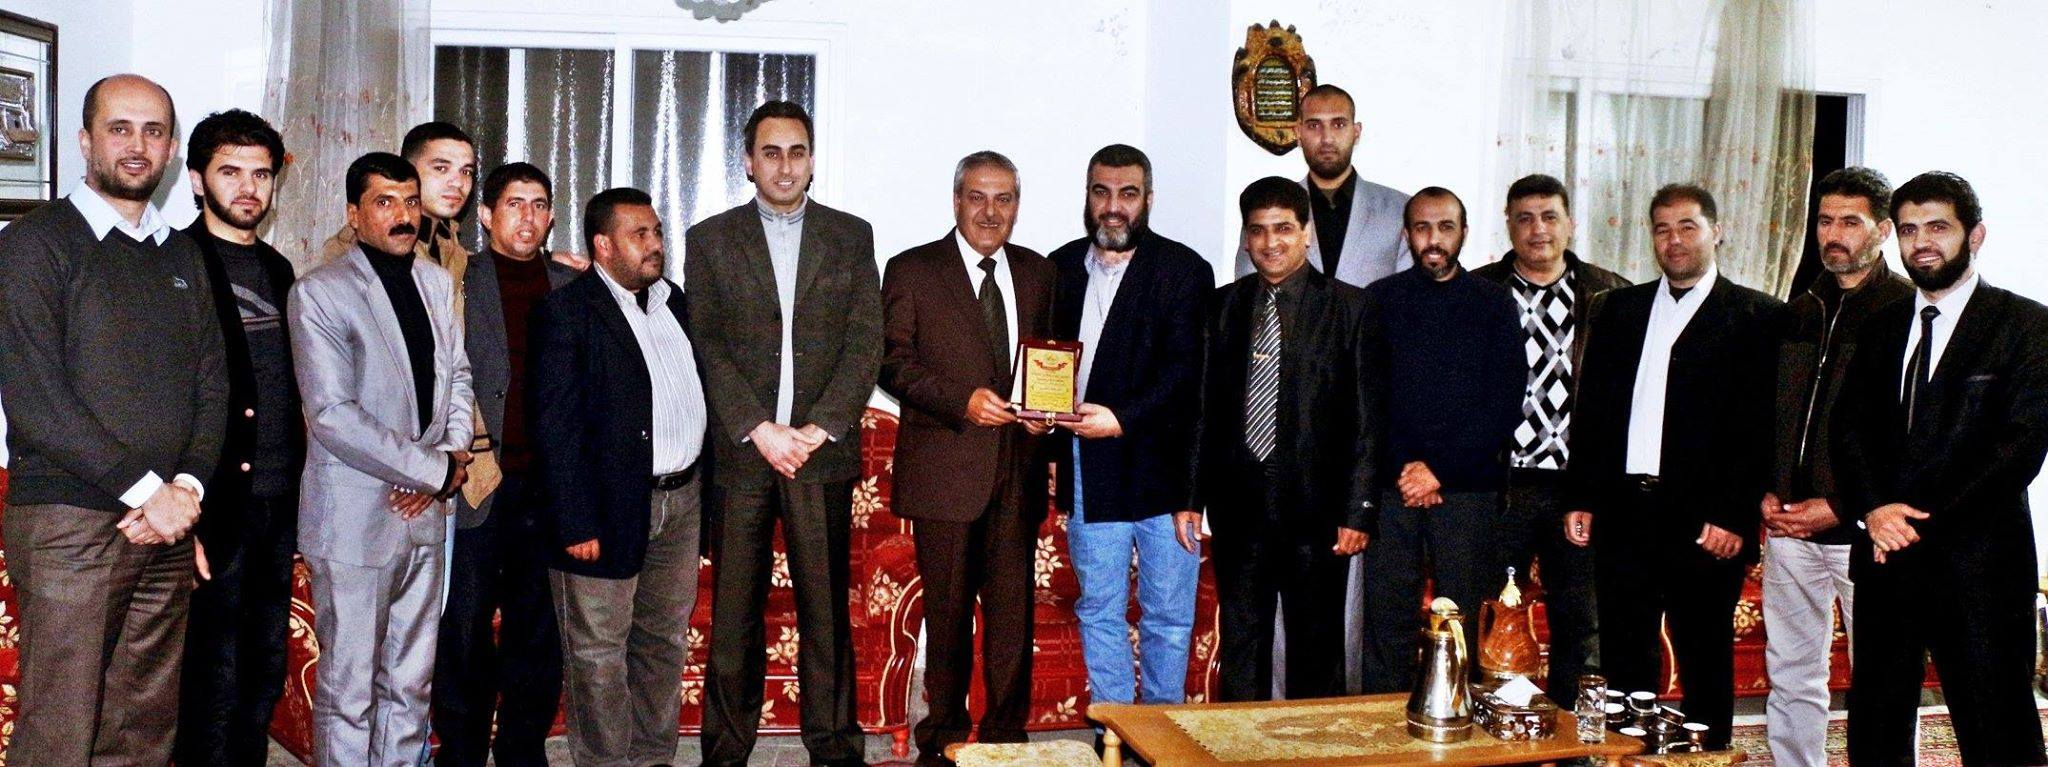 الفرا: مجالس العائلات شكلت نقلة نوعية في محافظة خان يونس